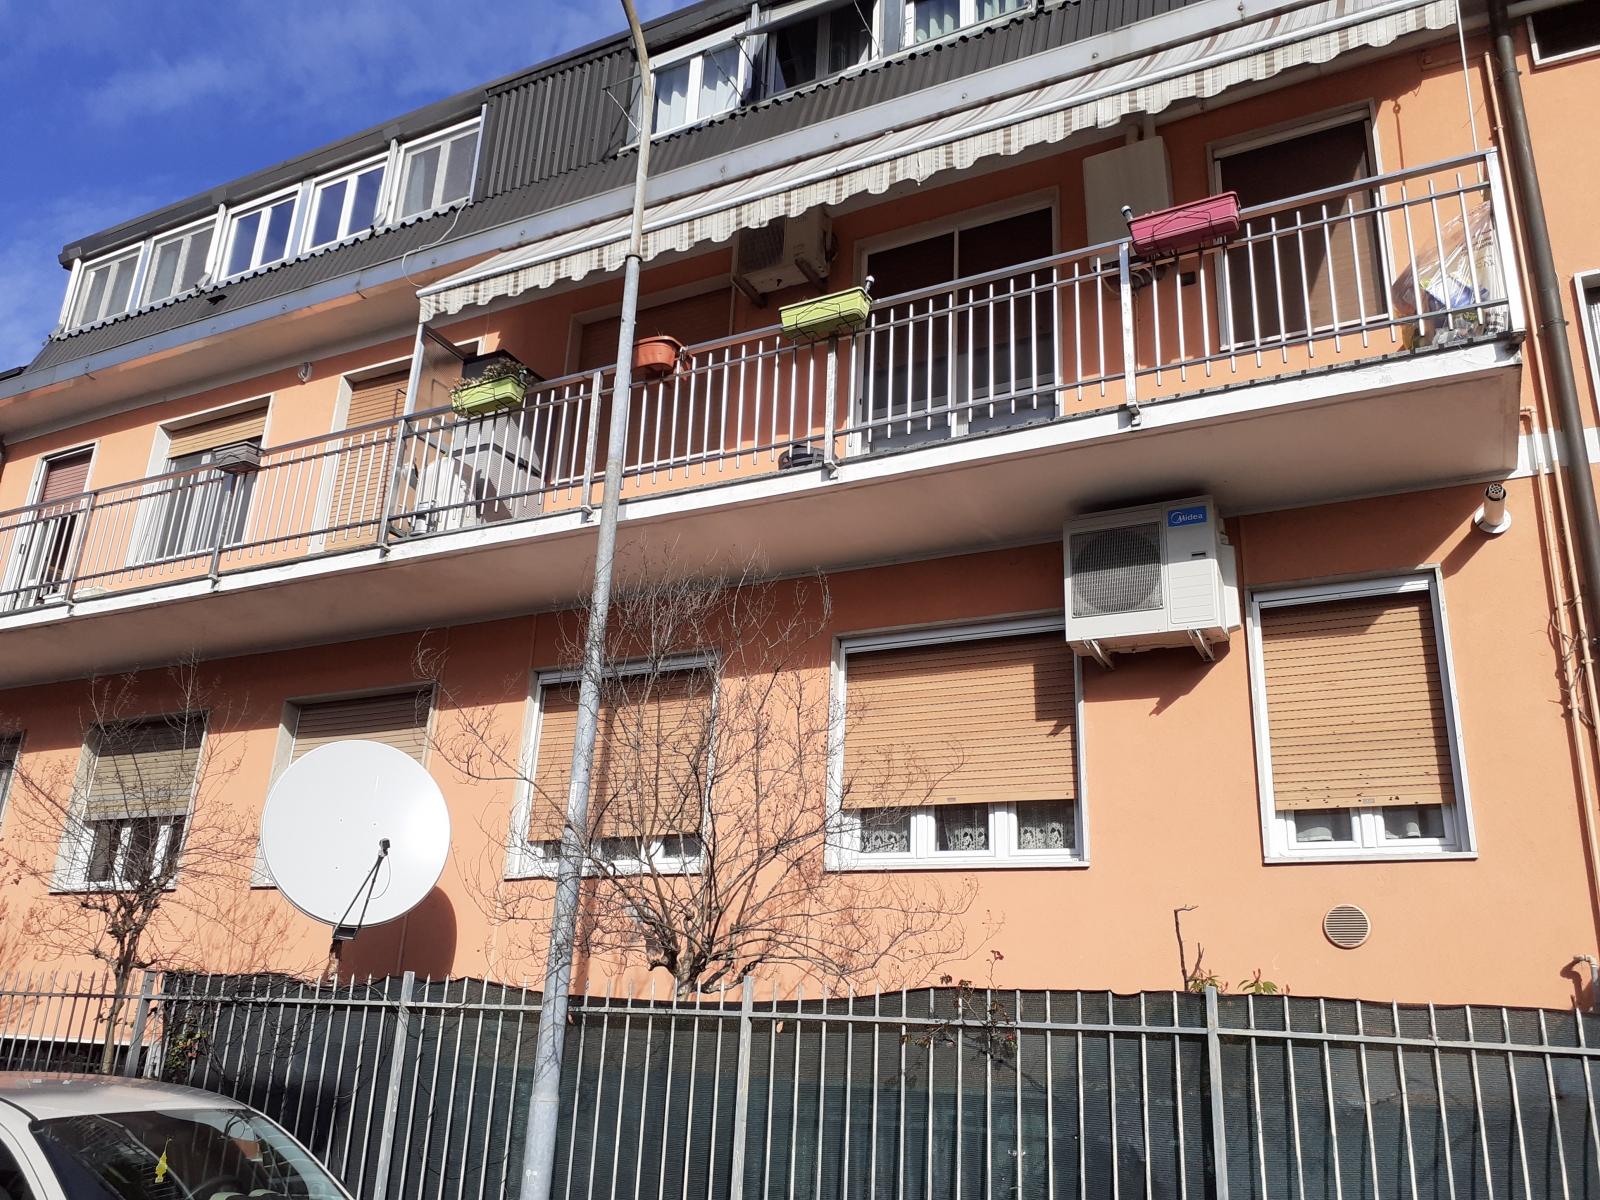 appartamento-in-vendita-a-cornaredo-milano-3-locali-trilocale-spaziourbano-immobiliare-vende-27